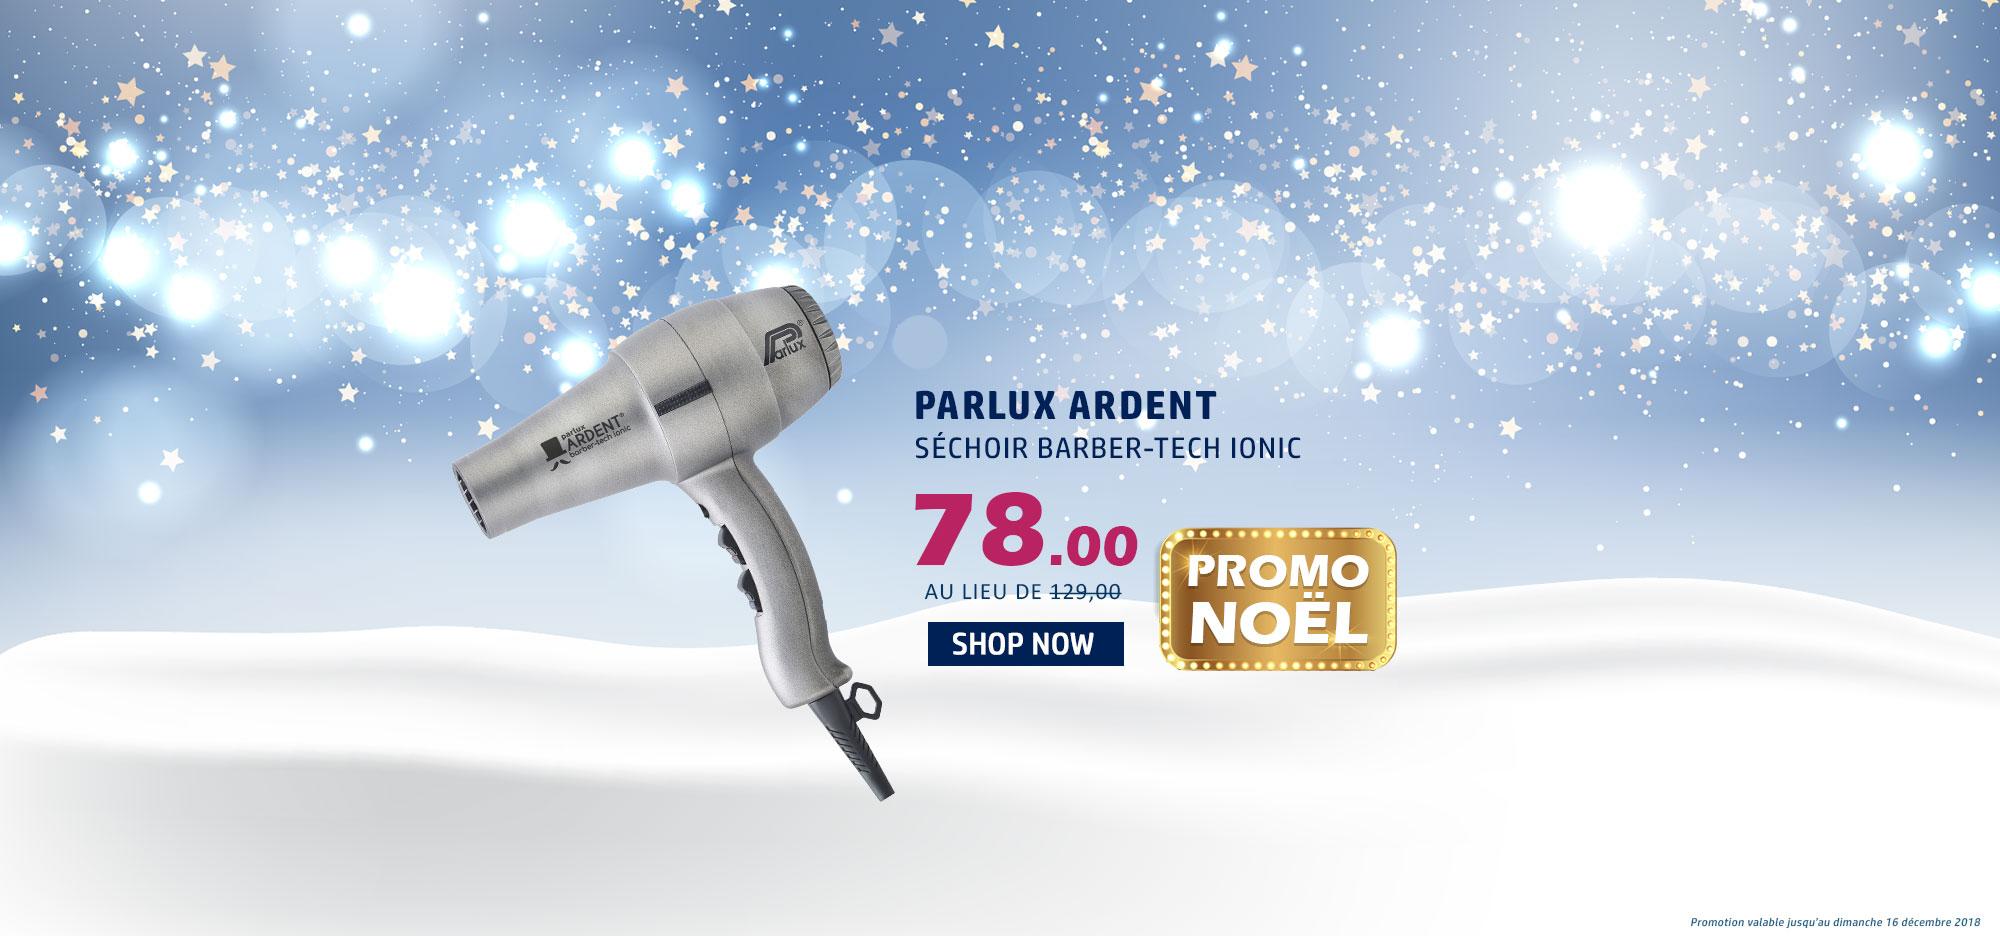 Séchoir Parlux Ardent Silver Barber tech Ionic